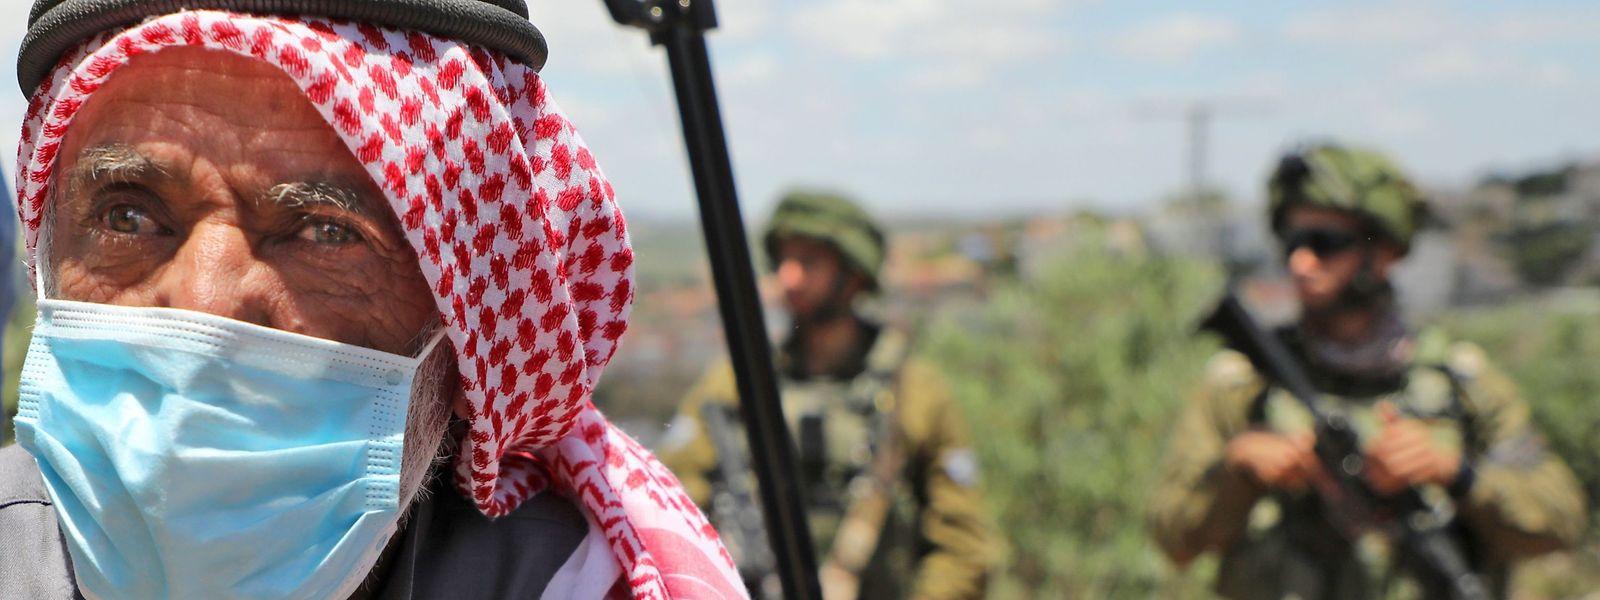 Un Palestinien, des soldats israéliens et un conflit interminable.